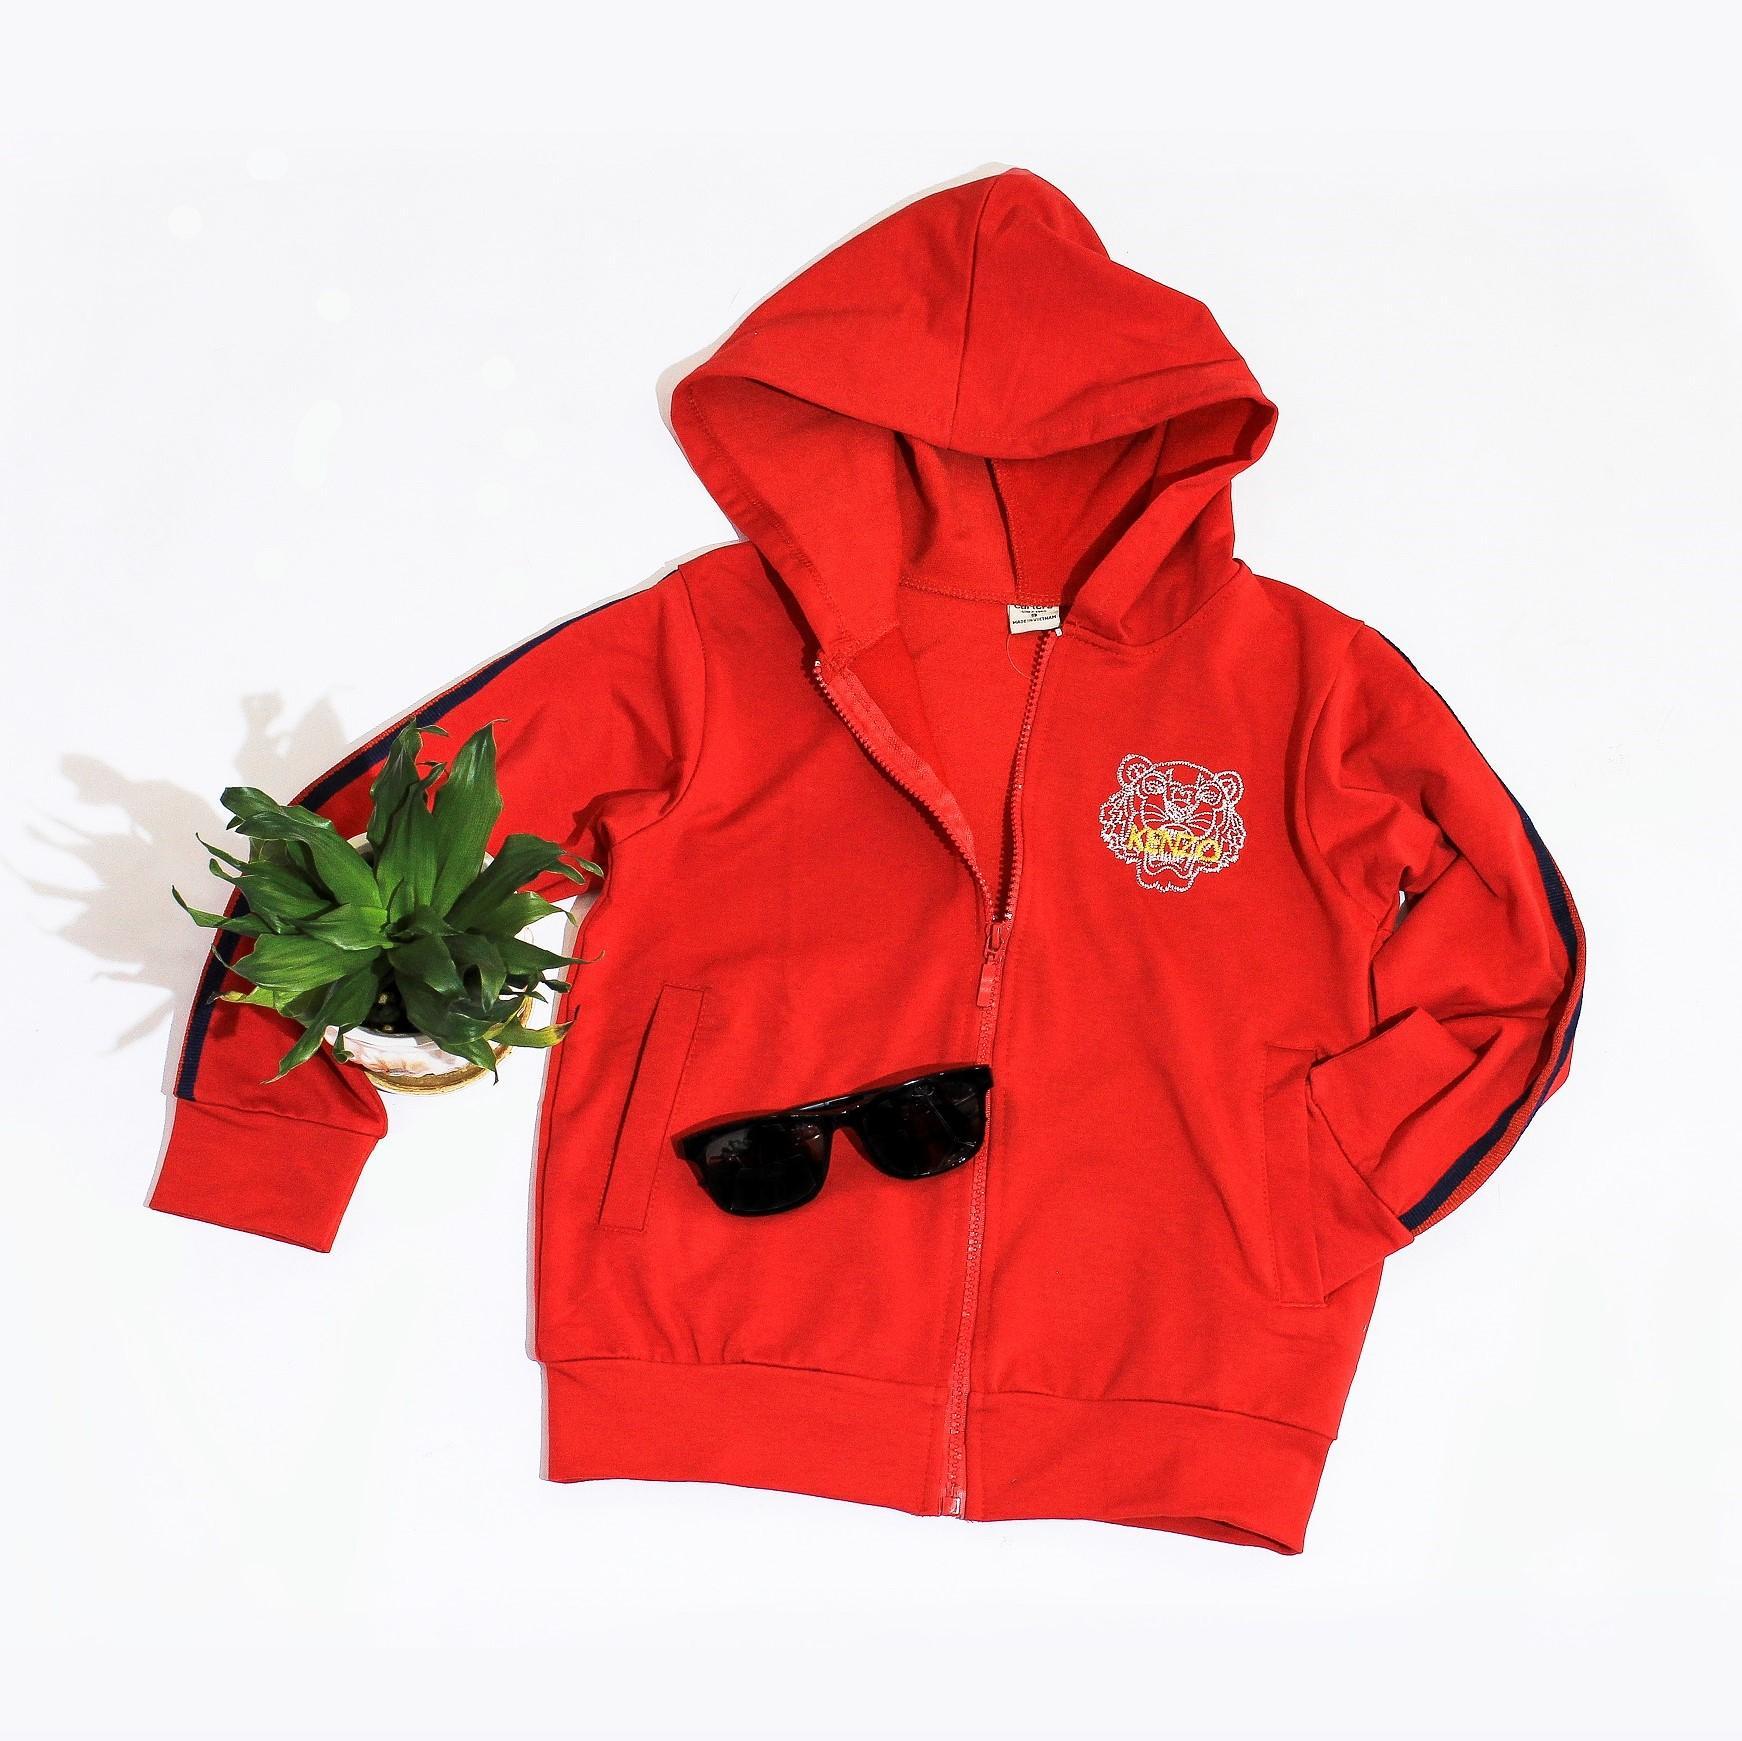 Giá bán Áo khoác bé gái đỏ viền tay Knzo